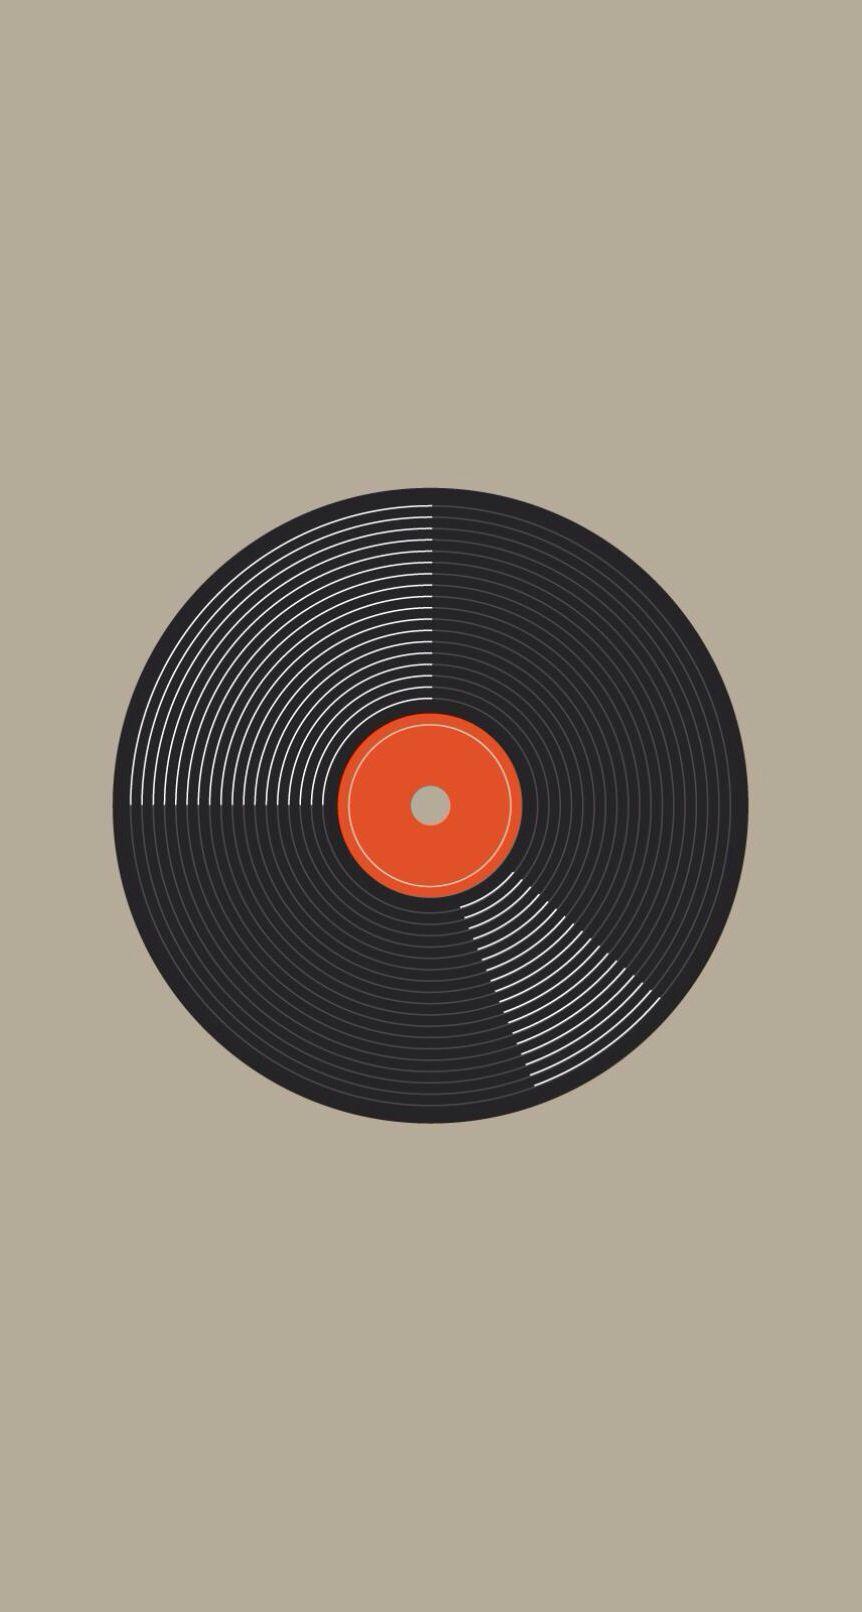 Vinyl. iPhone. Wallpaper. Vinyl record art, Classic